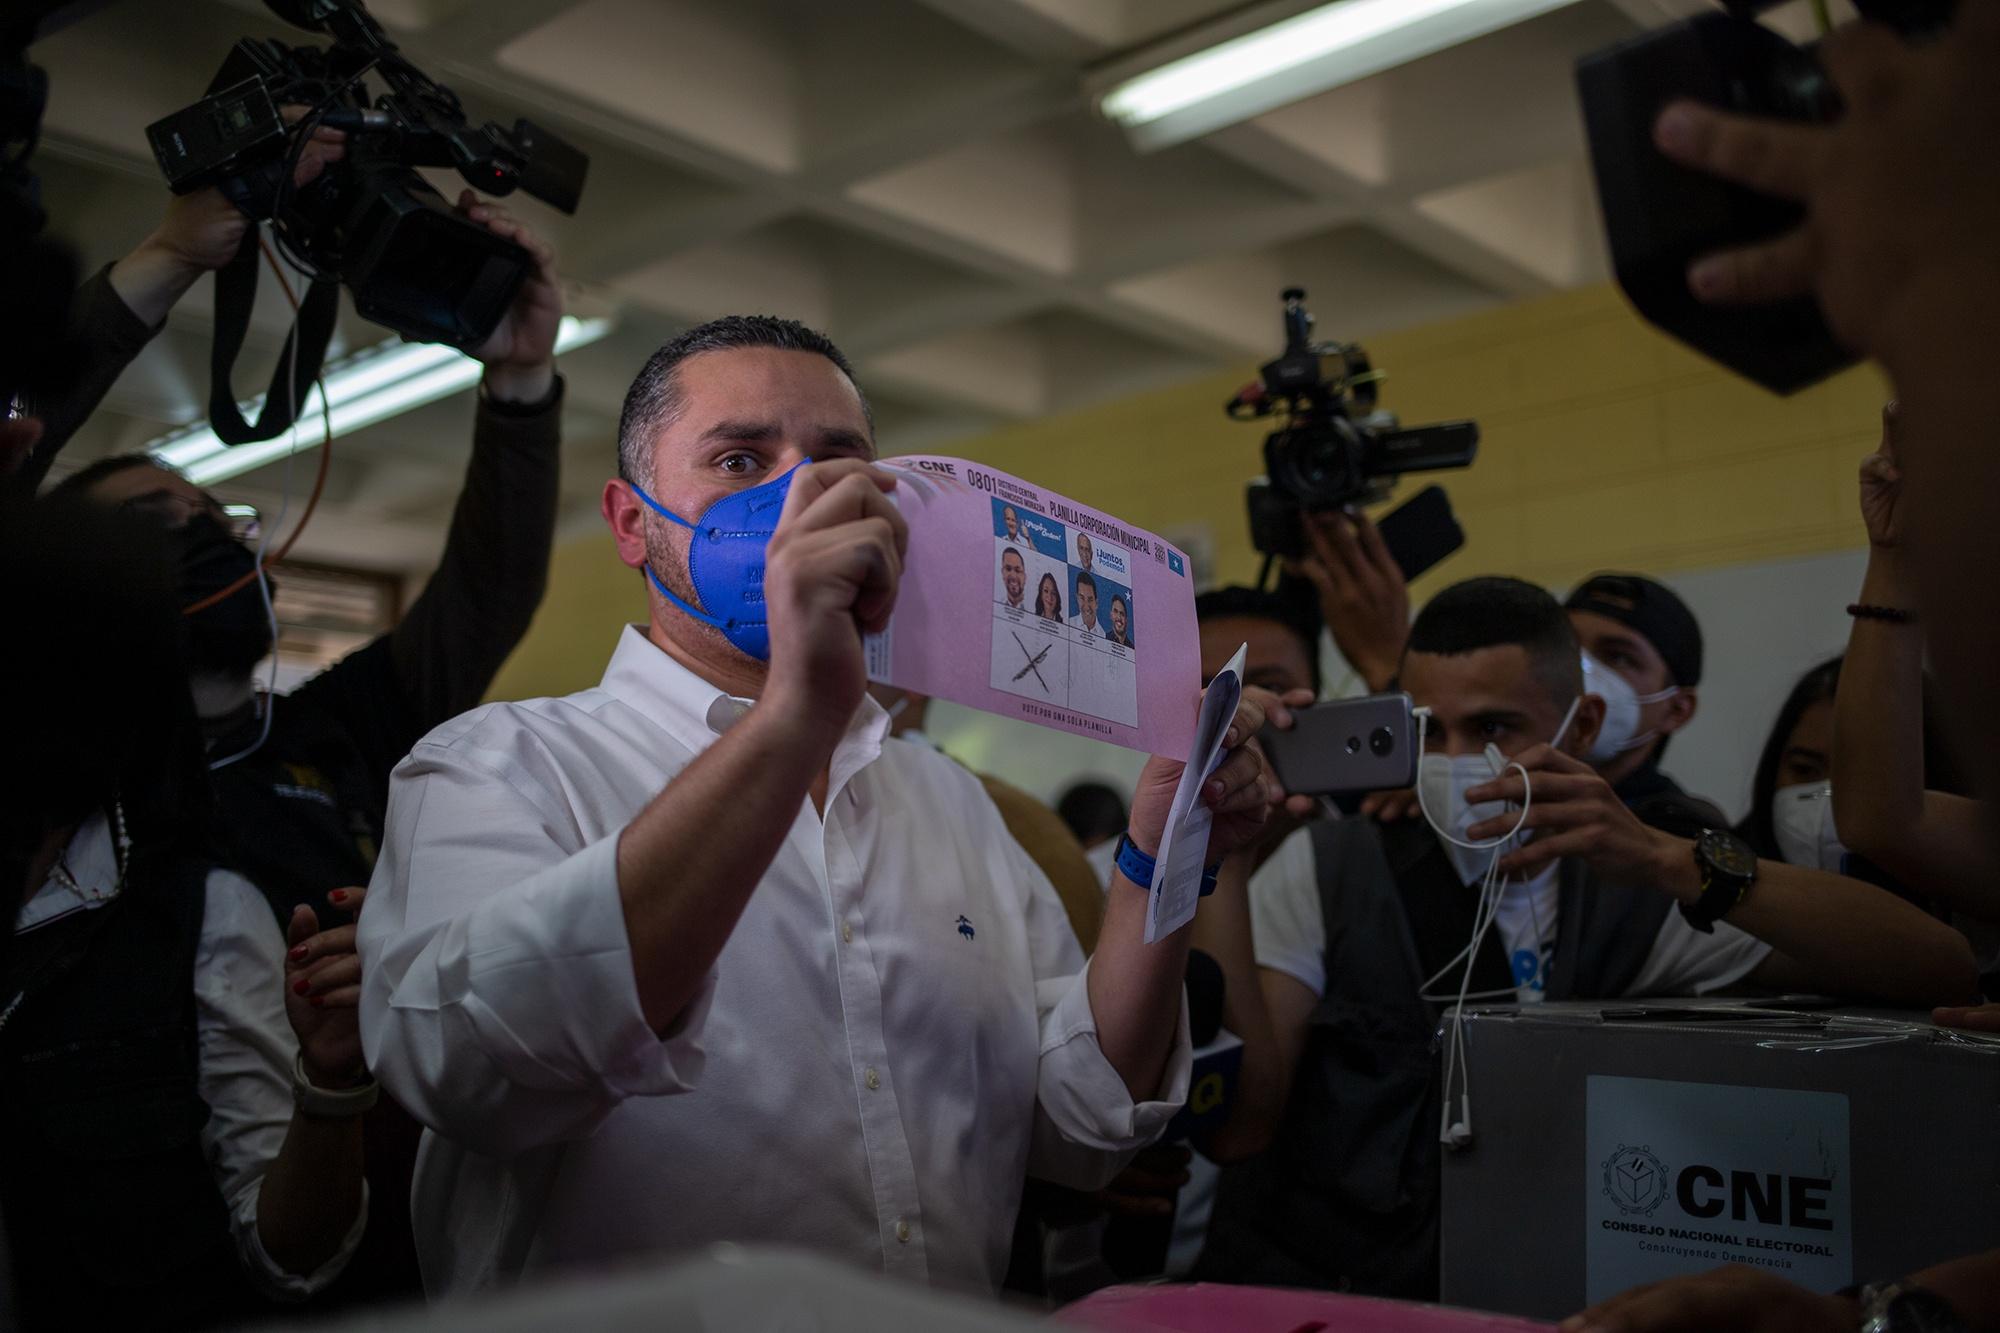 El precandidato a la alcaldía del Distrito Central por la corriente nacionalista Unidad y Esperanza con Nasry «Tito» Asfura a la cabeza, David Chávez, mientras ejerce el sufragio en la Universidad Nacional Autónoma de Honduras. Tegucigalpa, 14 de marzo de 2021. Foto: Martín Cálix.